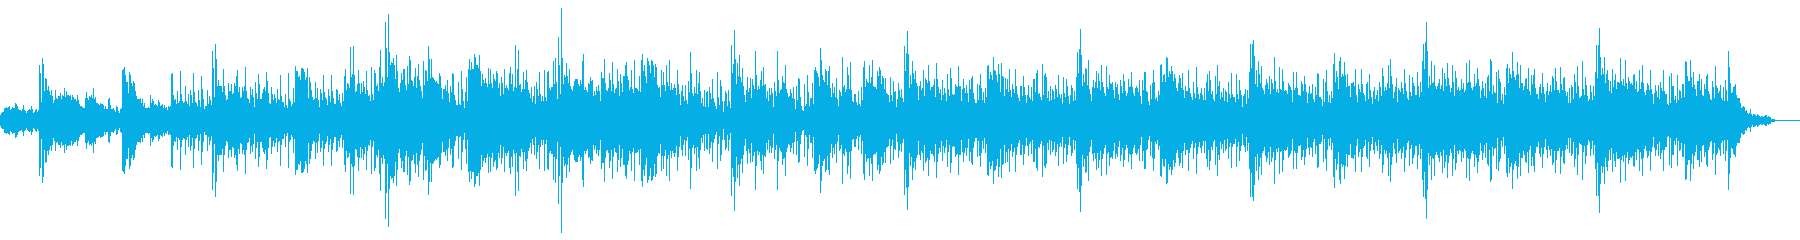 おしゃれで夜の雰囲気なメロディーの再生済みの波形